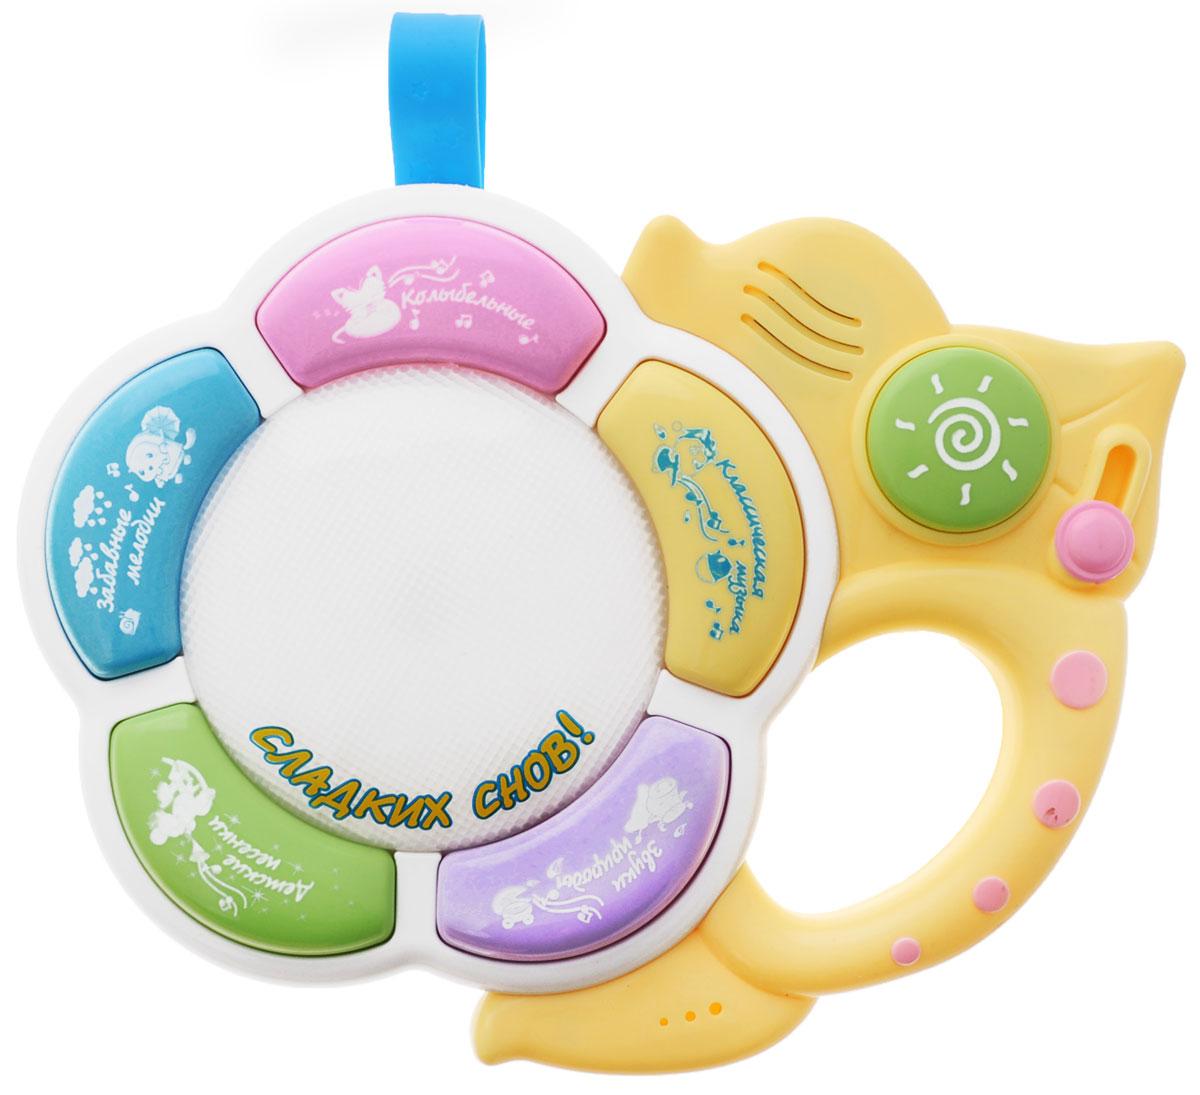 Расти малыш Развивающая игрушка Колыбельная - Интерактивные игрушки